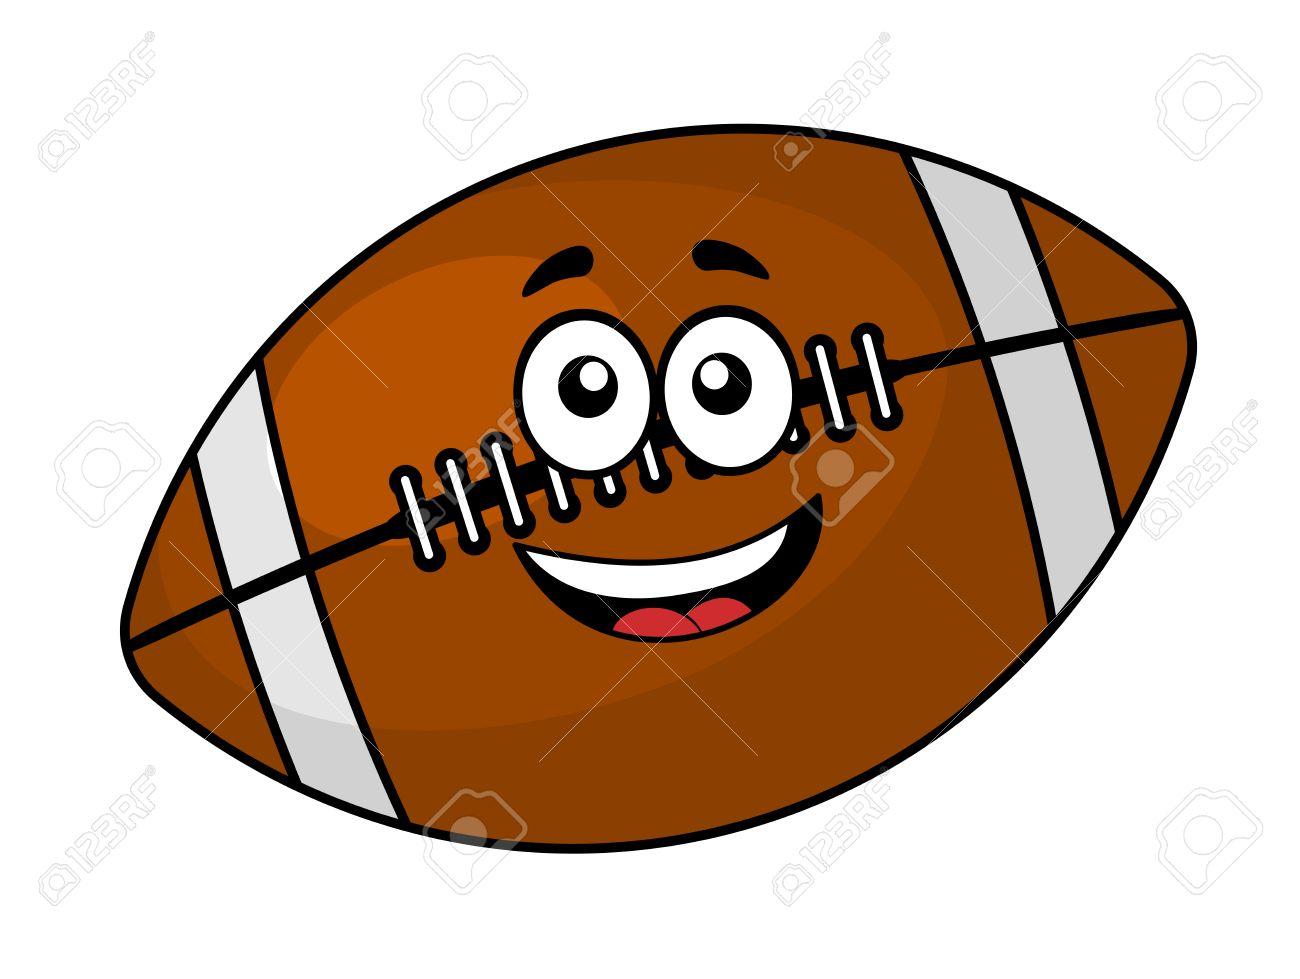 楽しい幸せな茶色の革のフットボールまたはラグビー ボール笑みを浮かべ